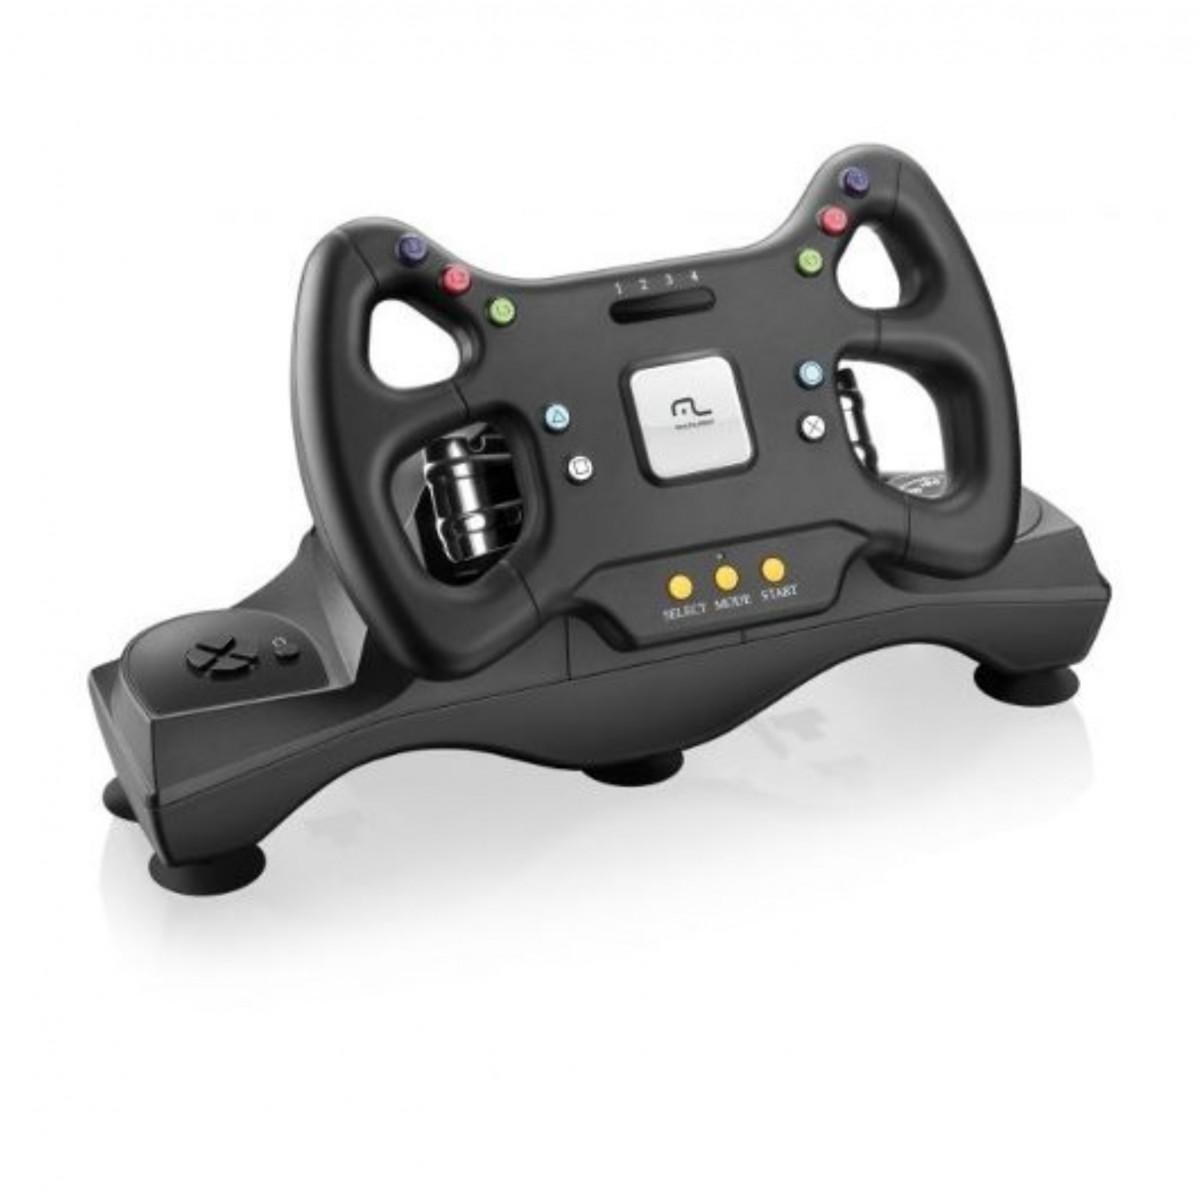 Volante Multilaser 2 em 1 Formula 1 JS069 Xbox360/PC  - ShopNoroeste.com.br